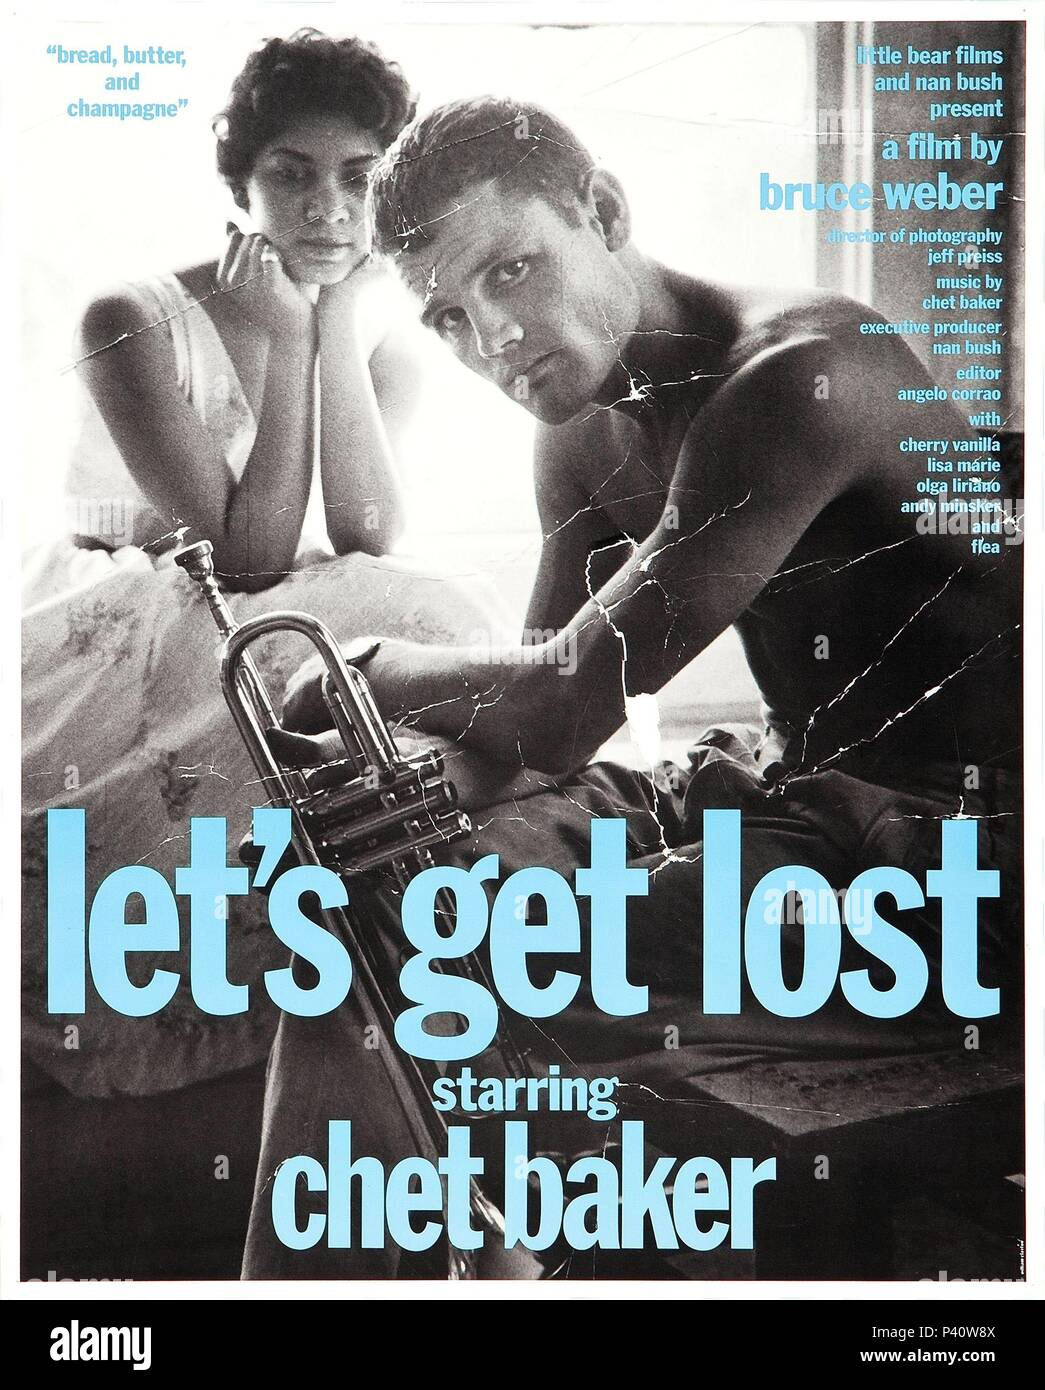 dfcb62b7cc1 Original Film Title: LET'S GET LOST. English Title: LET'S GET LOST. Film  Director: BRUCE WEBER. Year: 1988. Credit: LITTLE BEAR PRODUCTIONS / Album